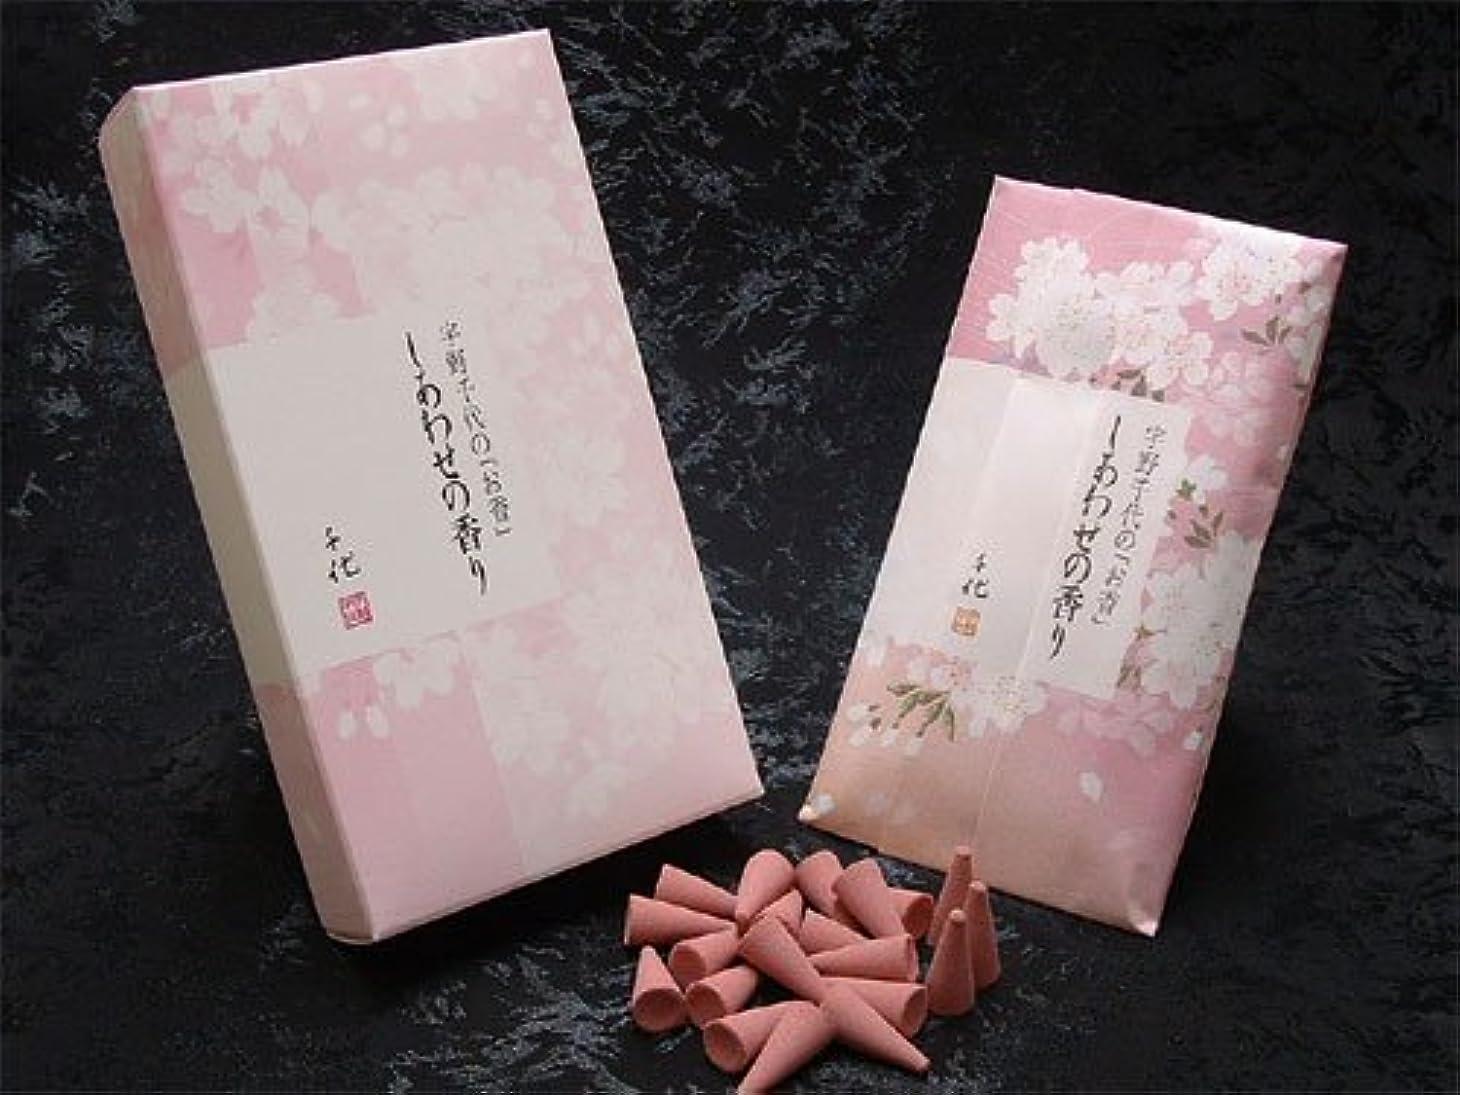 お願いします活性化代わって日本香堂のお香 宇野千代 しあわせの香り コーン型 20個入り